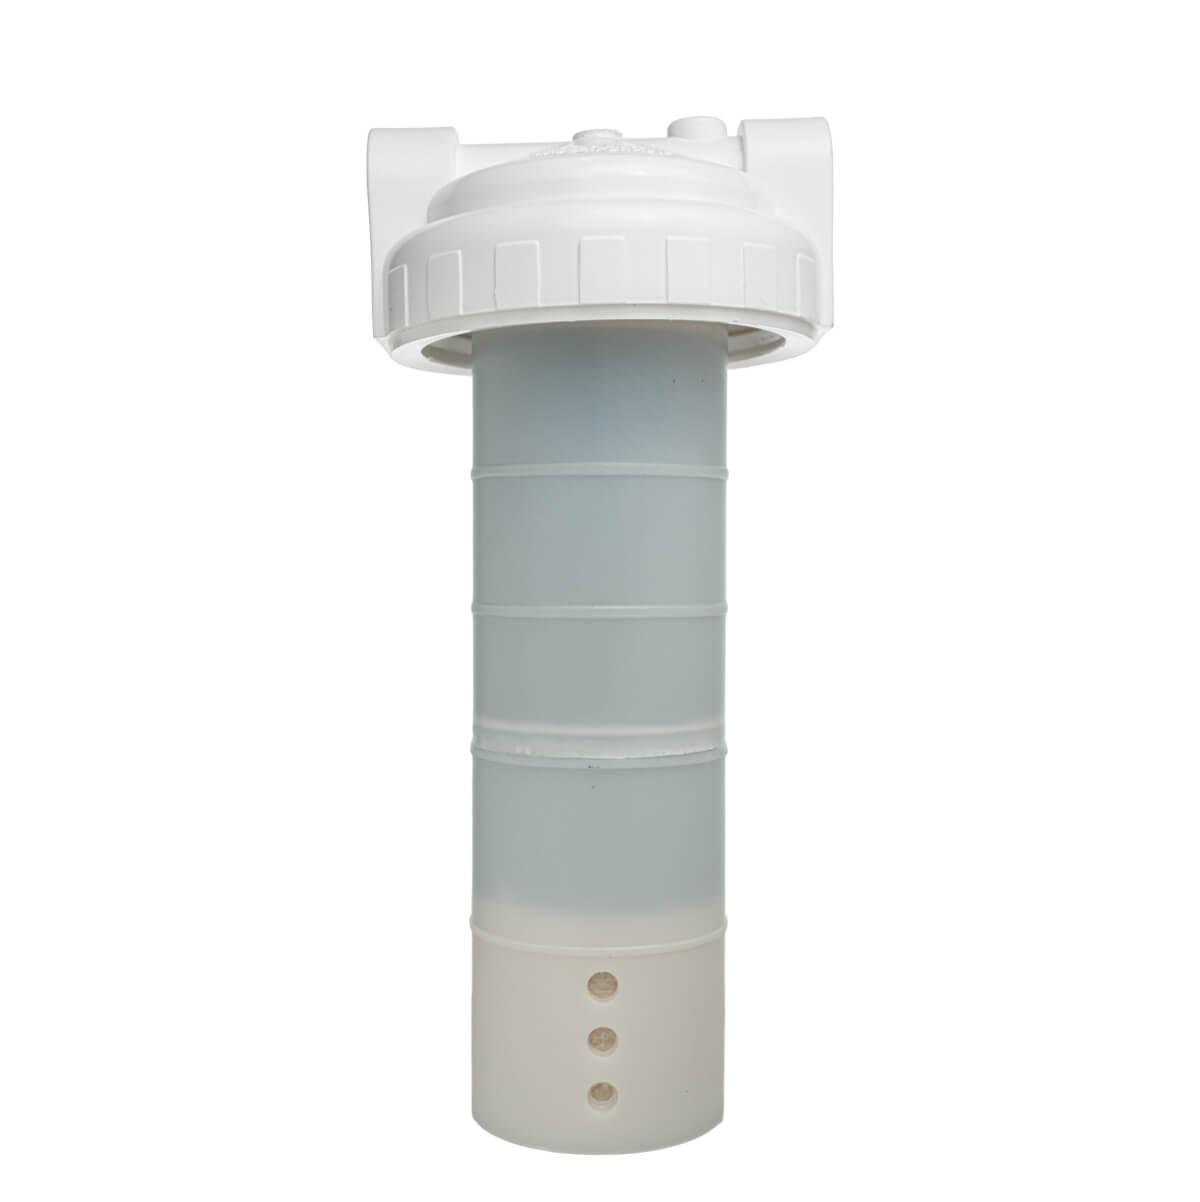 Filtro e Purificador de água Ravena WP 230F com elemento de carvão ativado e polipropileno